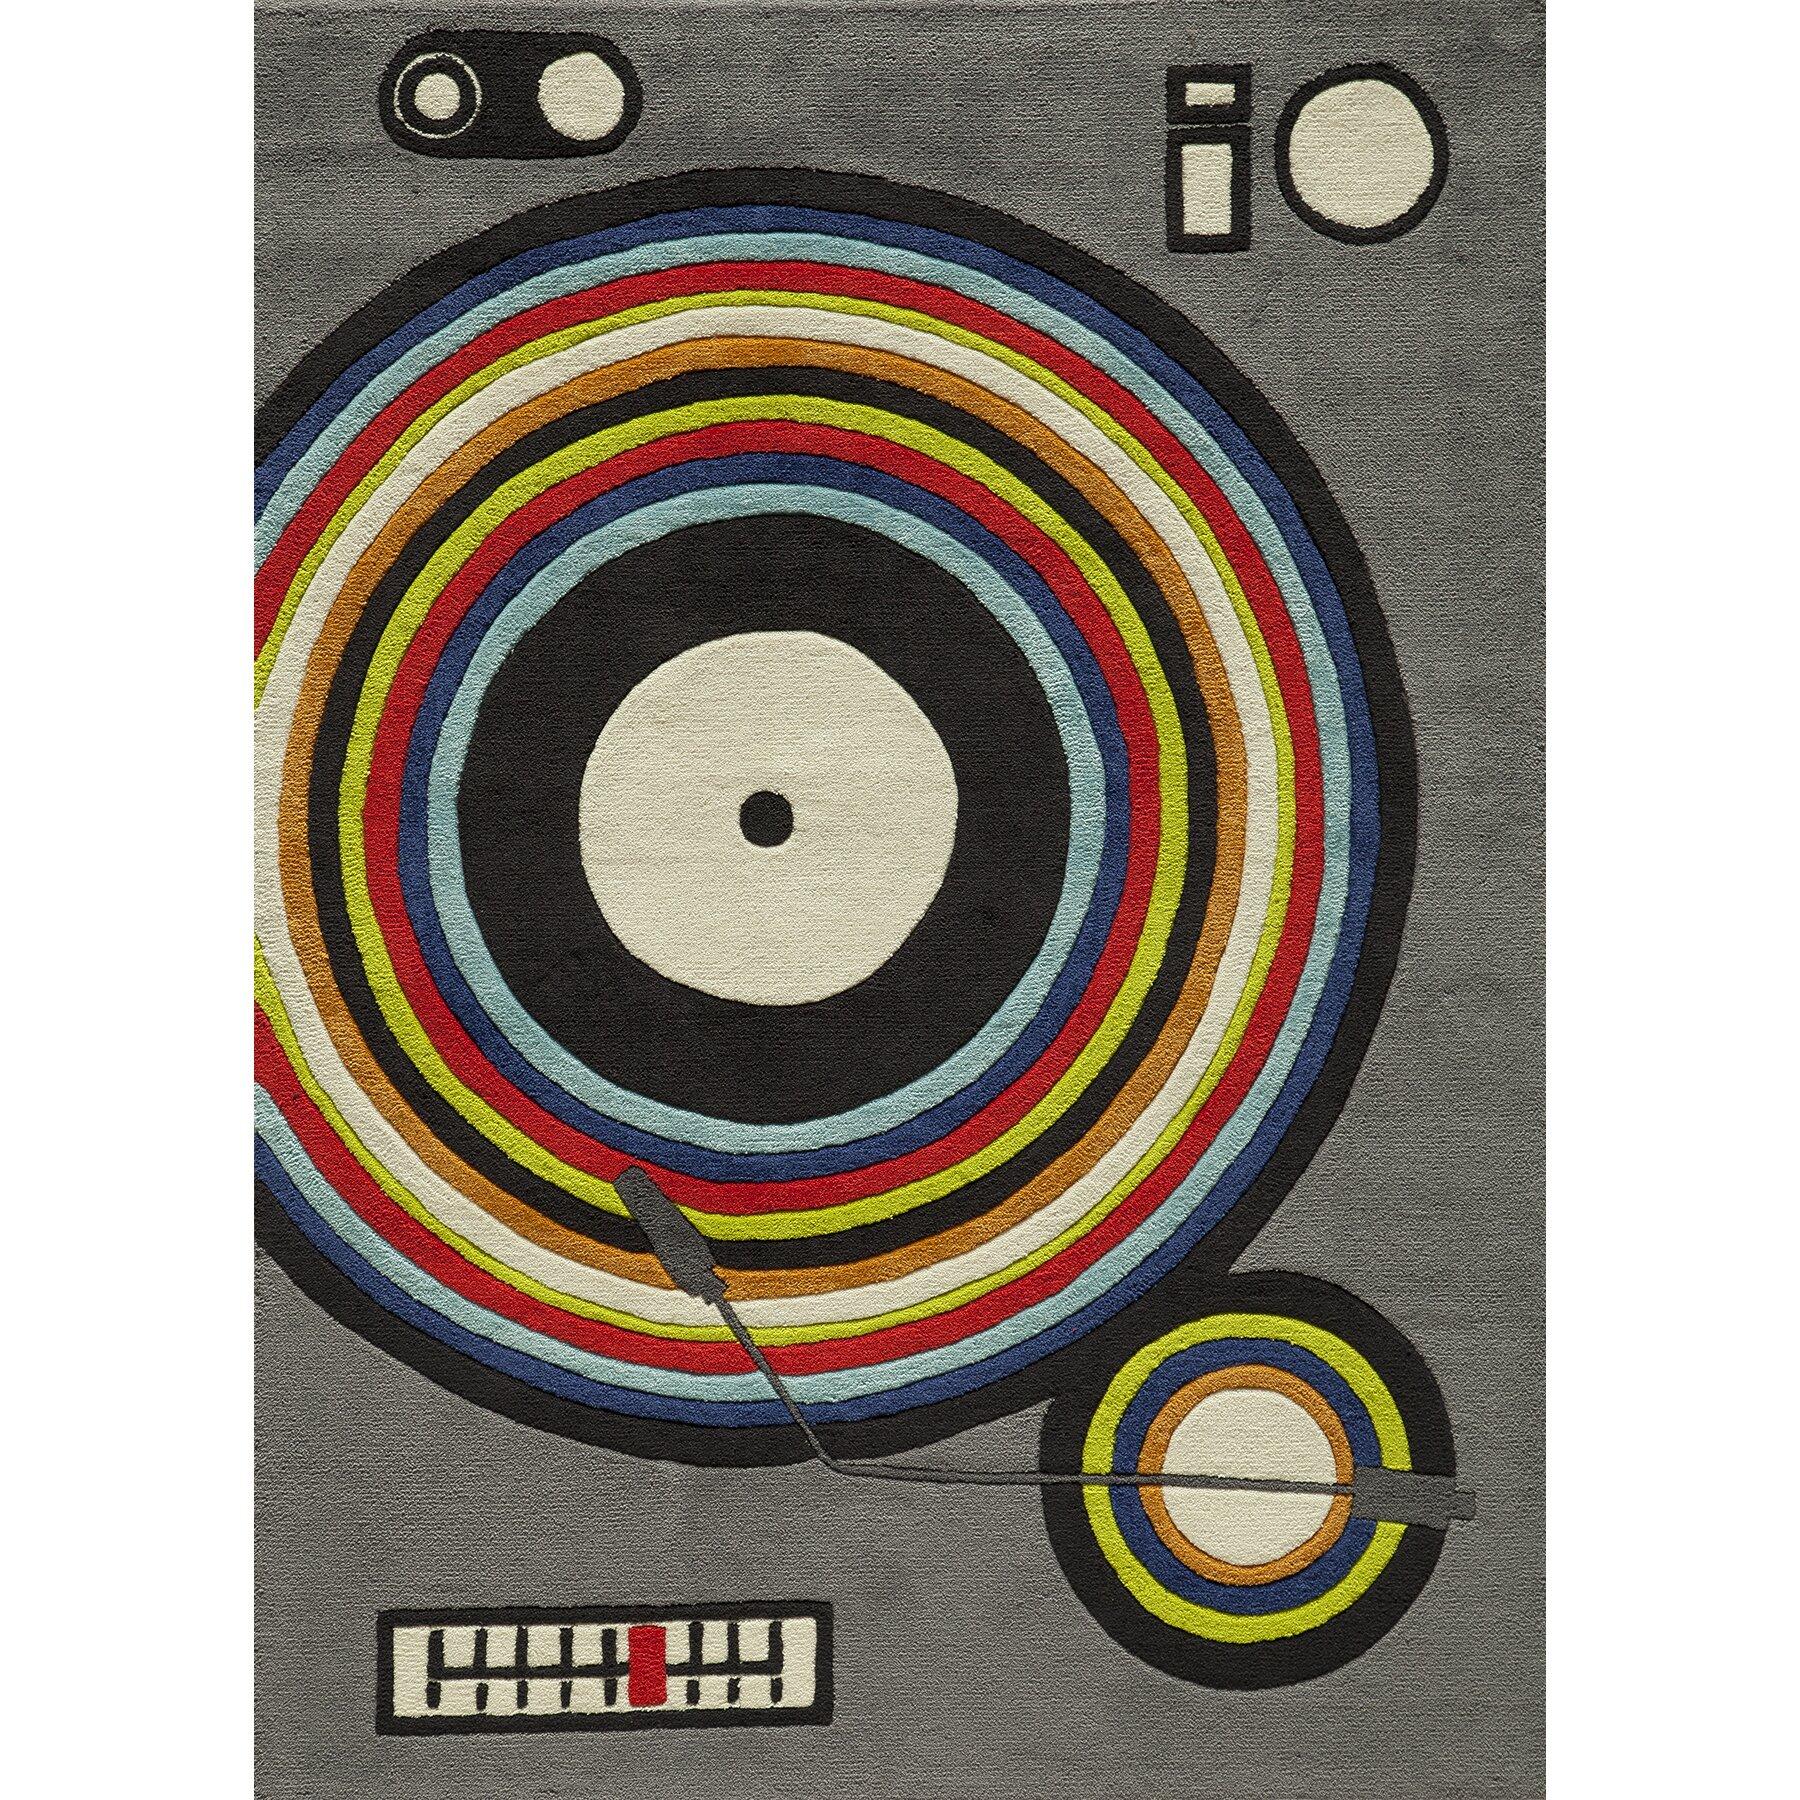 d cor rugs 2 39 x 3 39 area rugs dwellstudio sku dwl10075